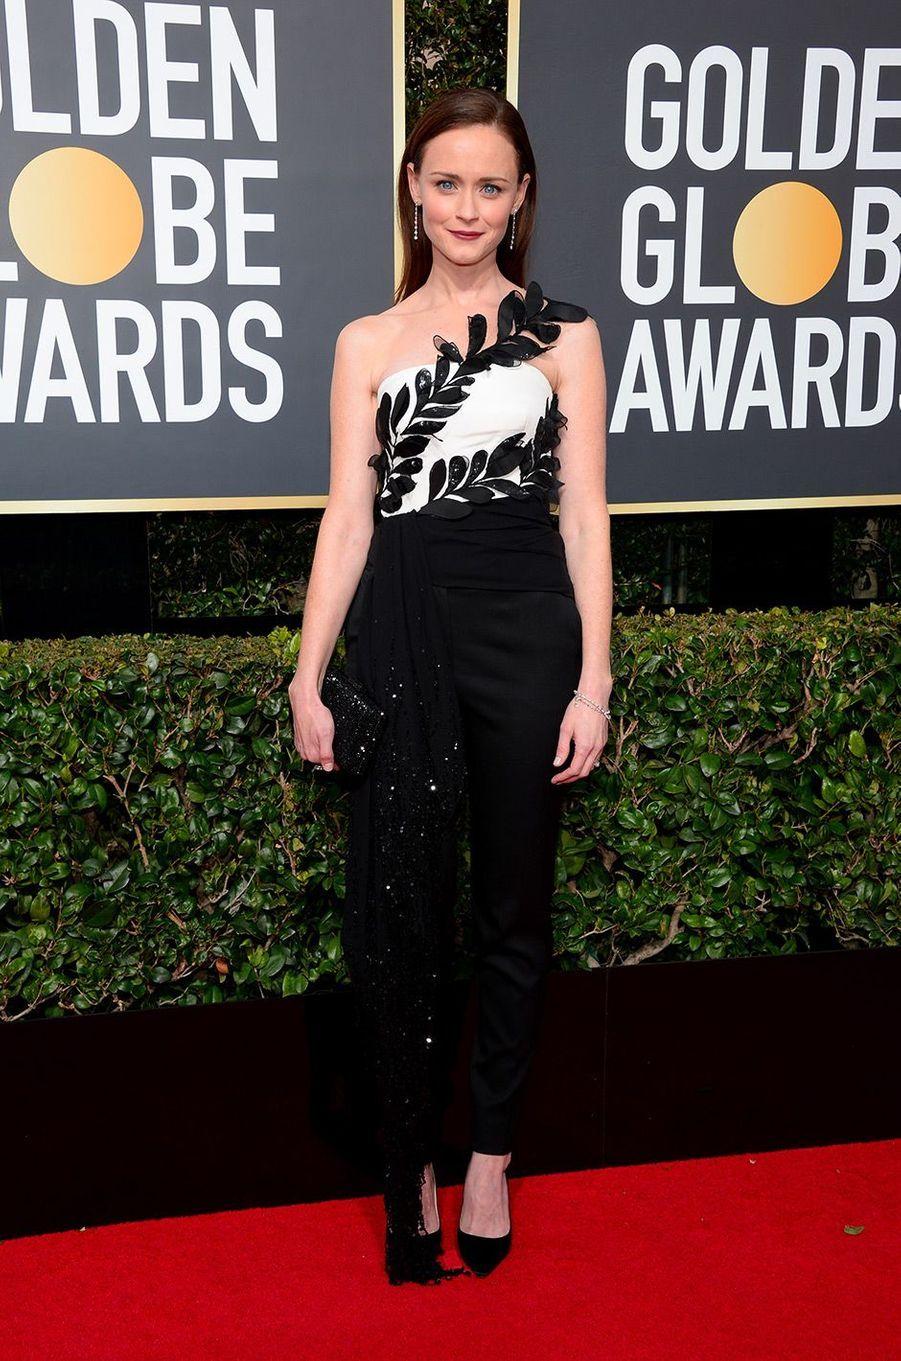 Alexis Bledel dans une combinaison Oscar de la Renta aux Golden Globes 2018